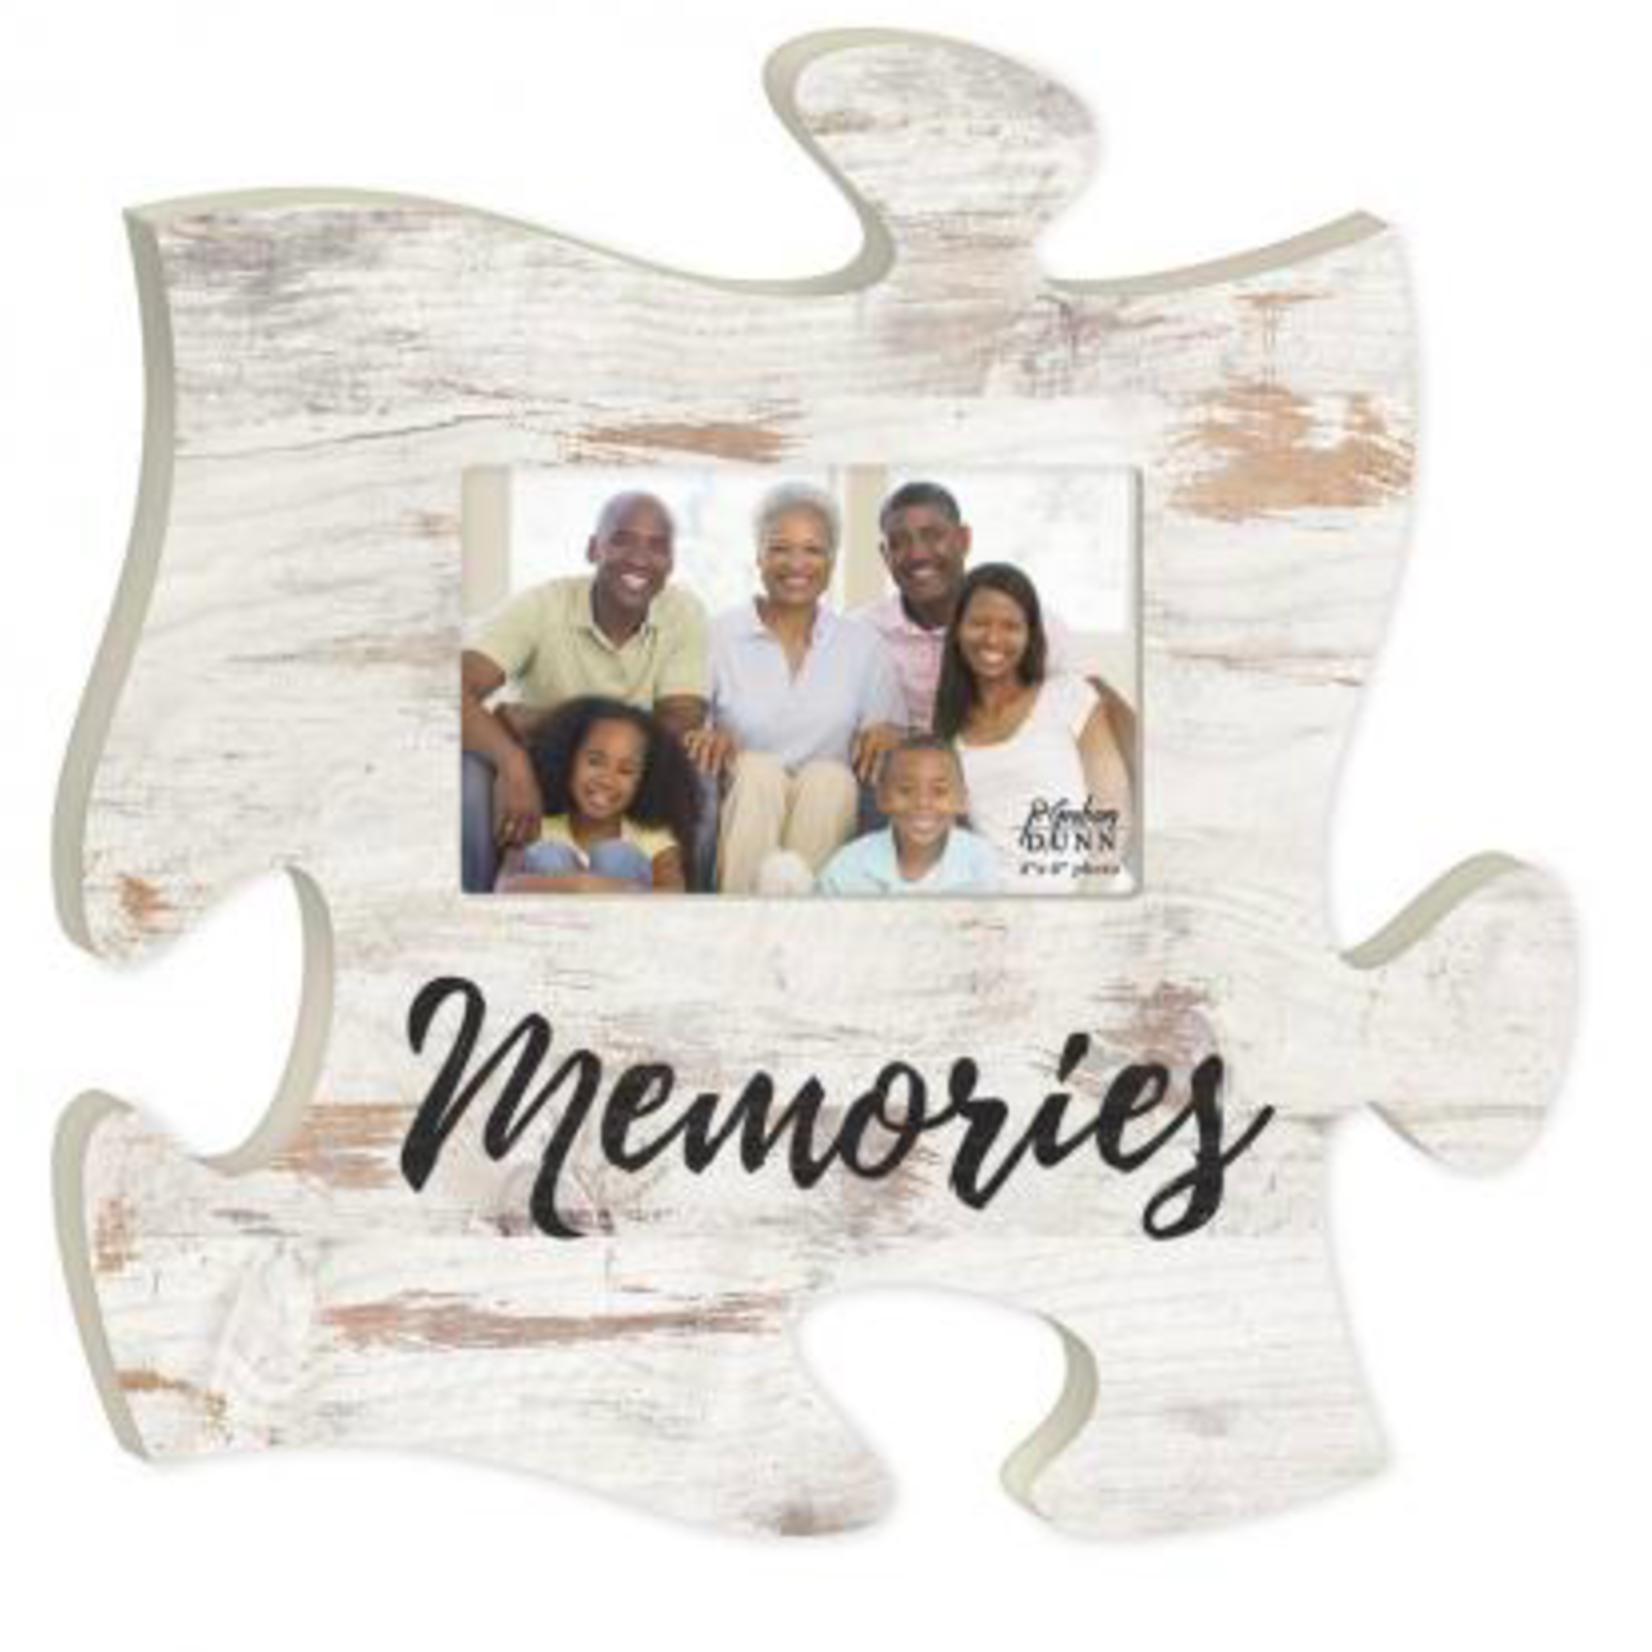 Puzzle - Memories - White